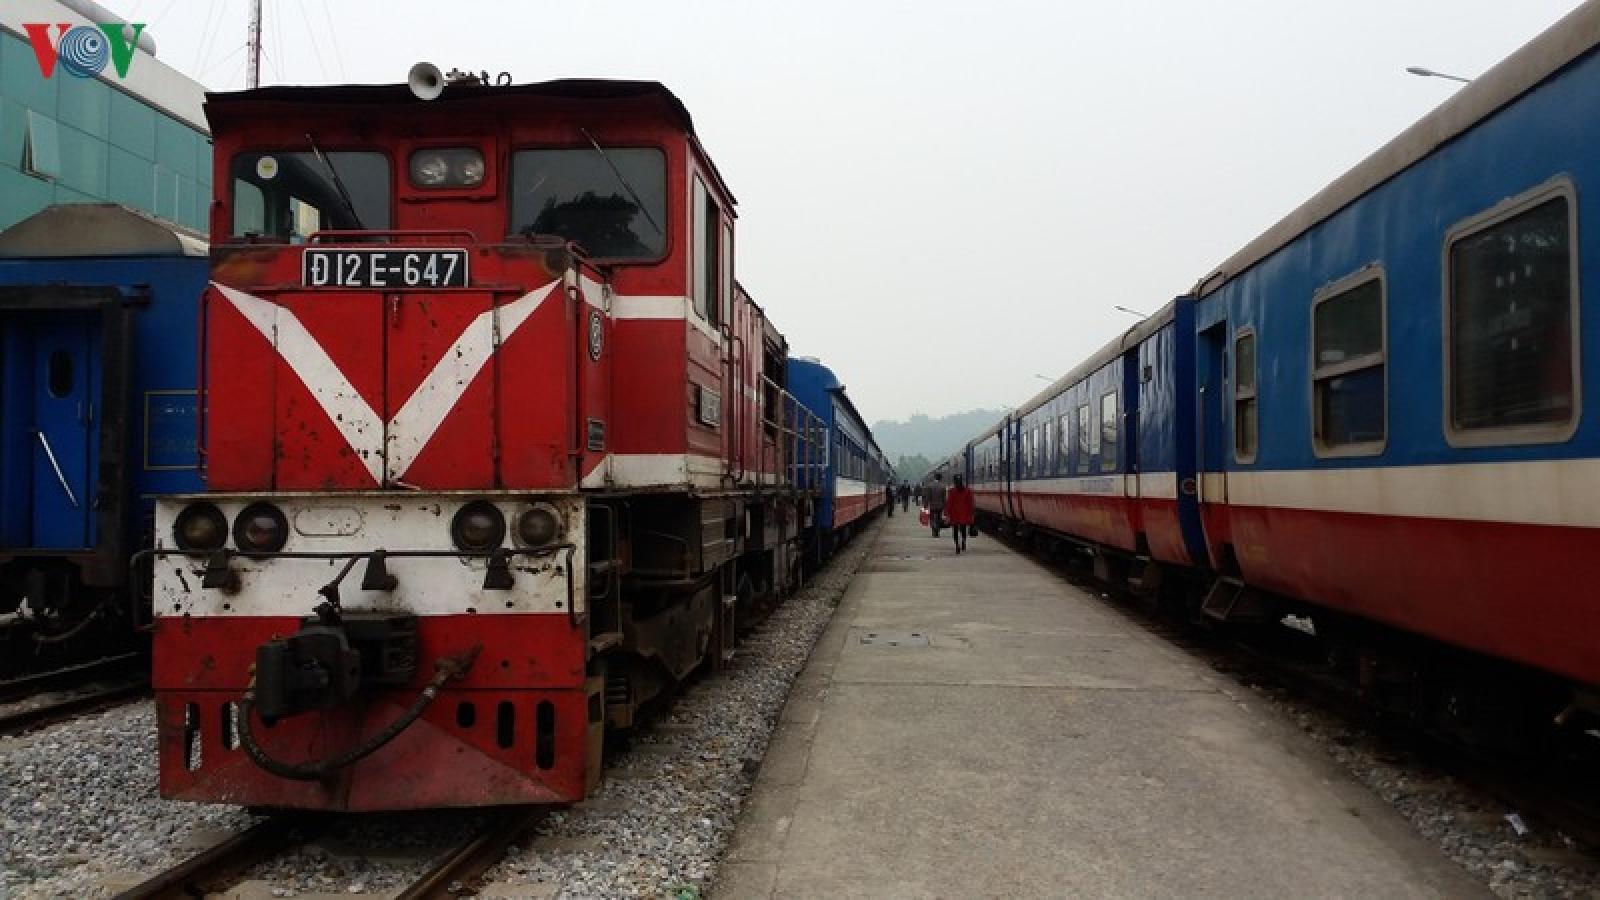 Đôi tàu du lịch SP3, SP4 chạy Hà Nội – Lào Cai một lần nữa phải dừng do Covid-19